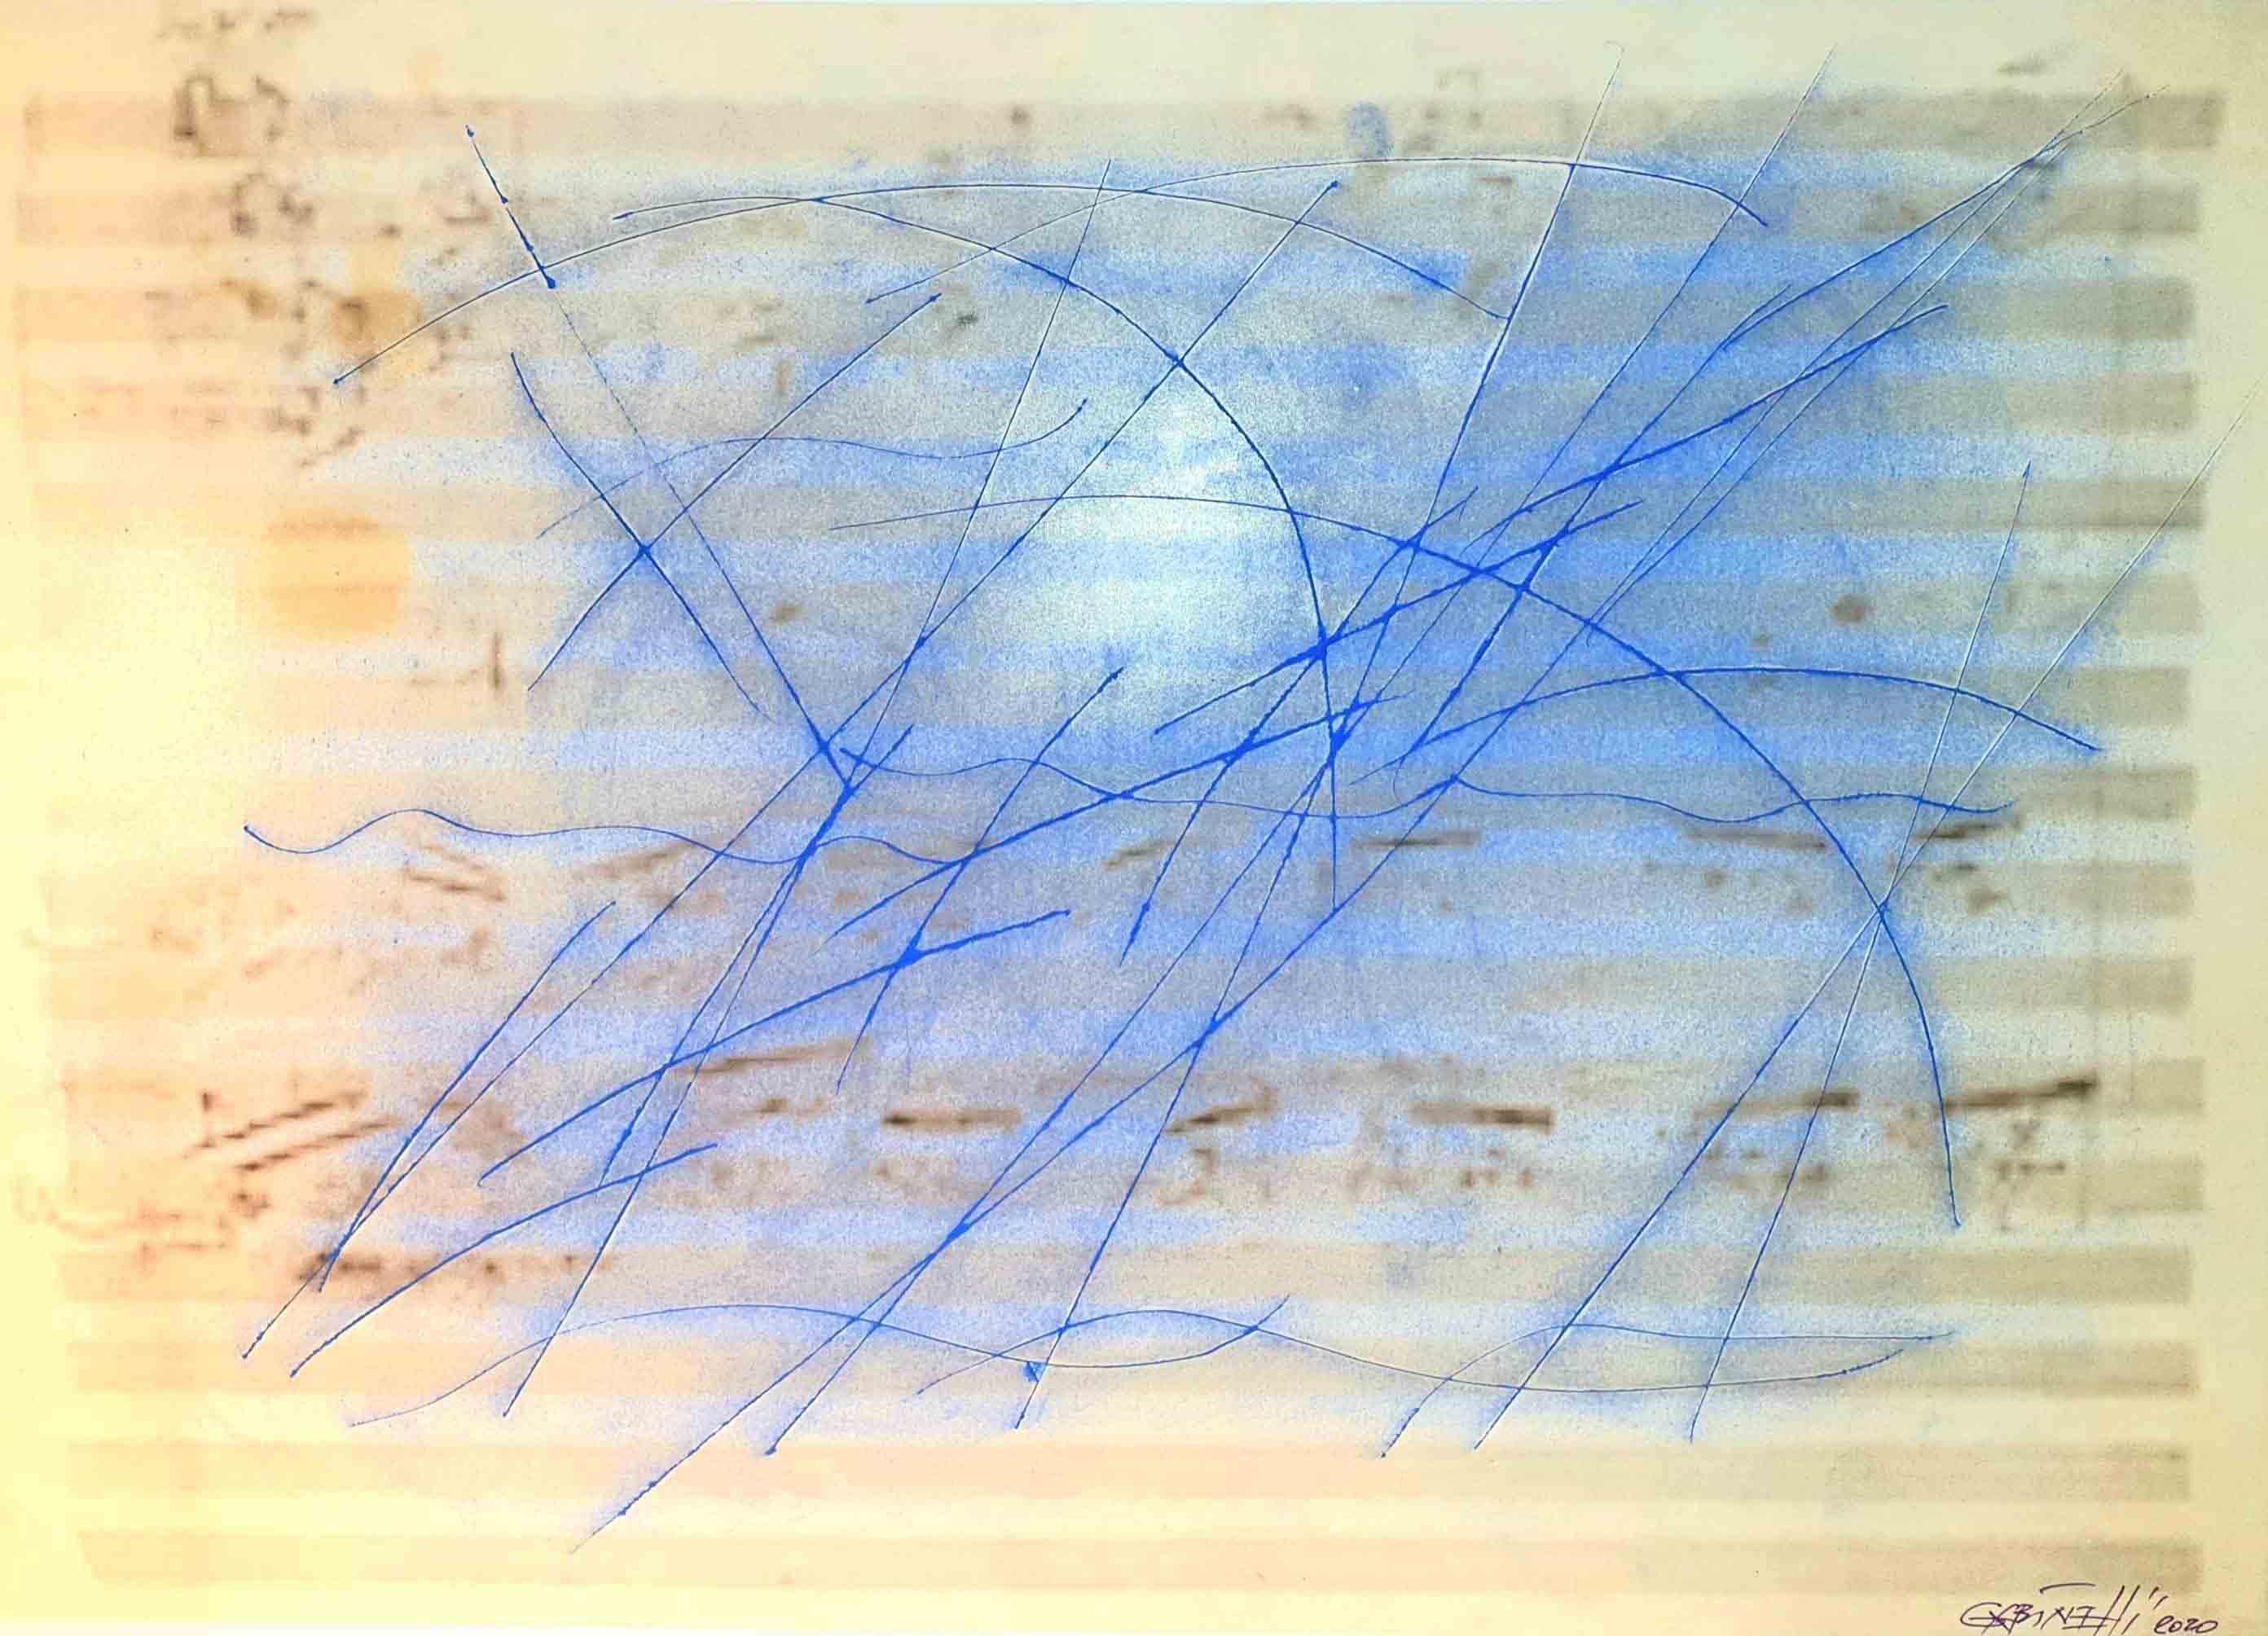 Incisione sulla quale segni di colore blu chiaro coprono uno spartito musicale di colore giallo chiaro.